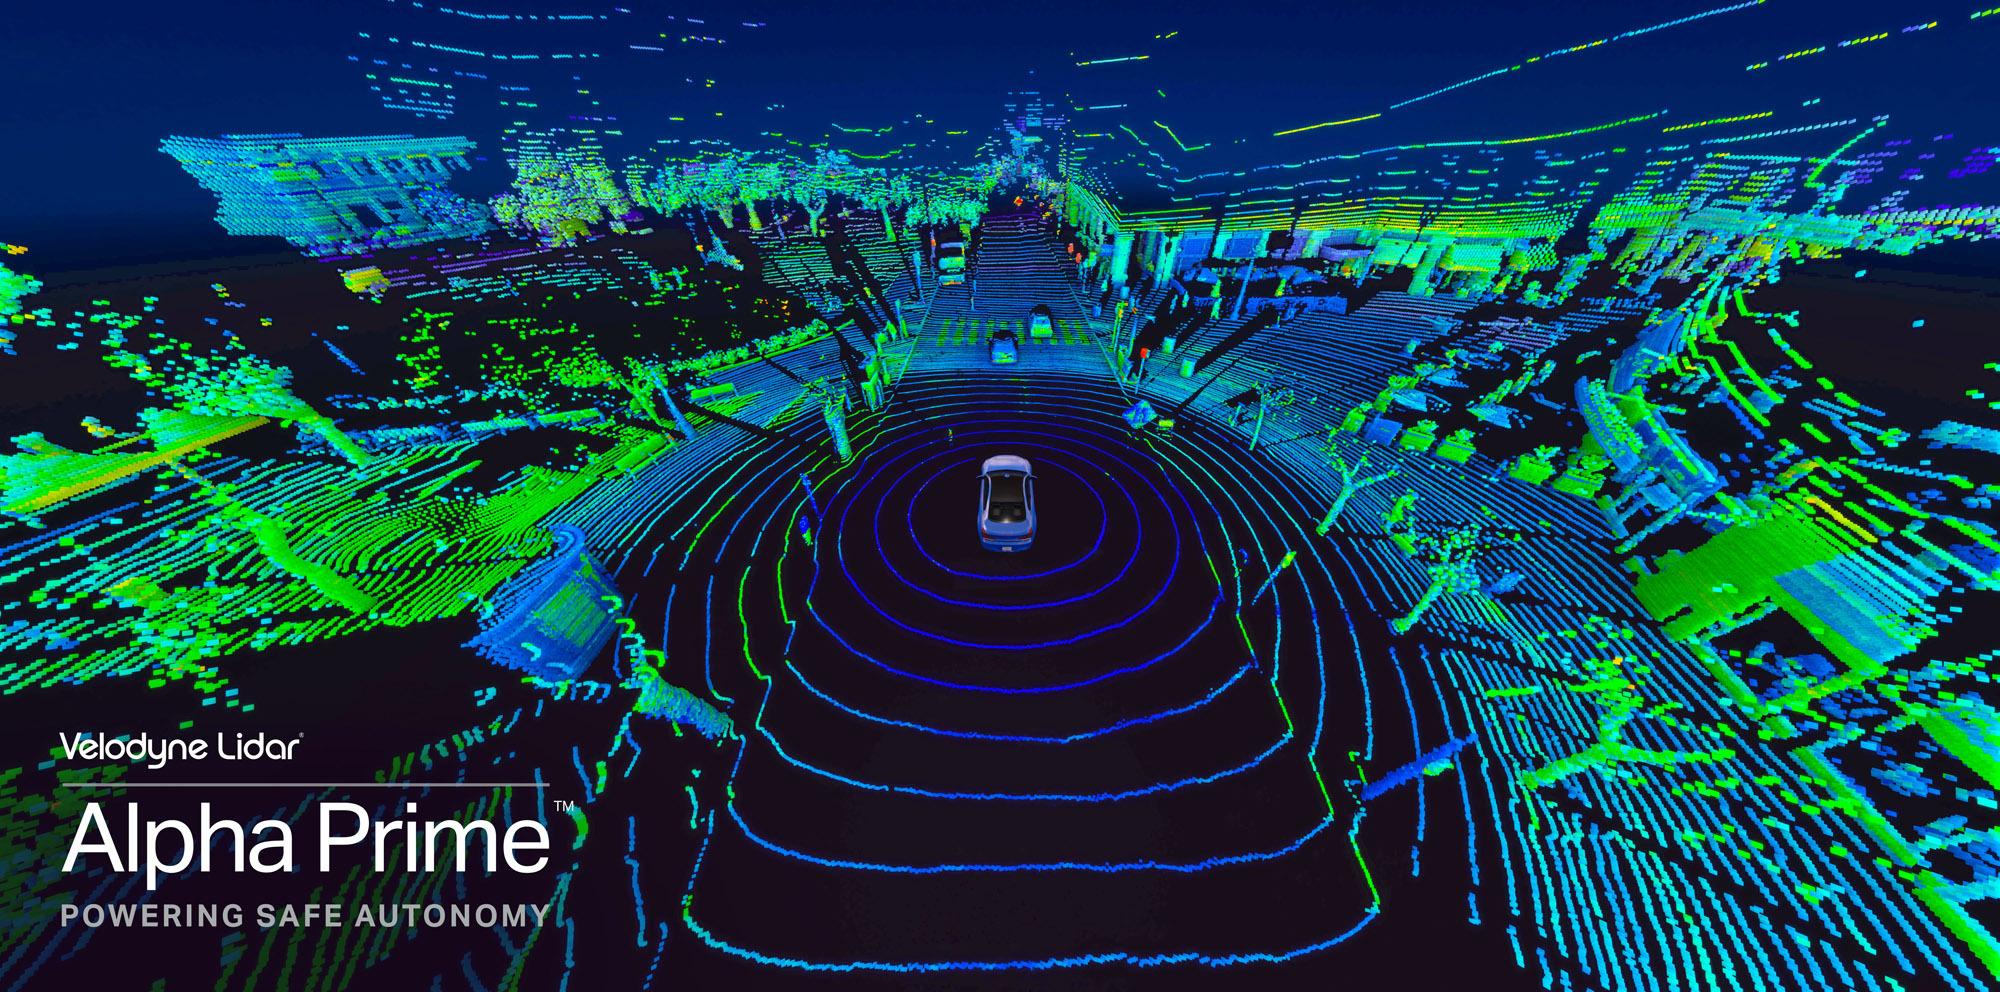 Velodyne Lidar presenta Alpha Prime™, el sensor Lidar más avanzado ...